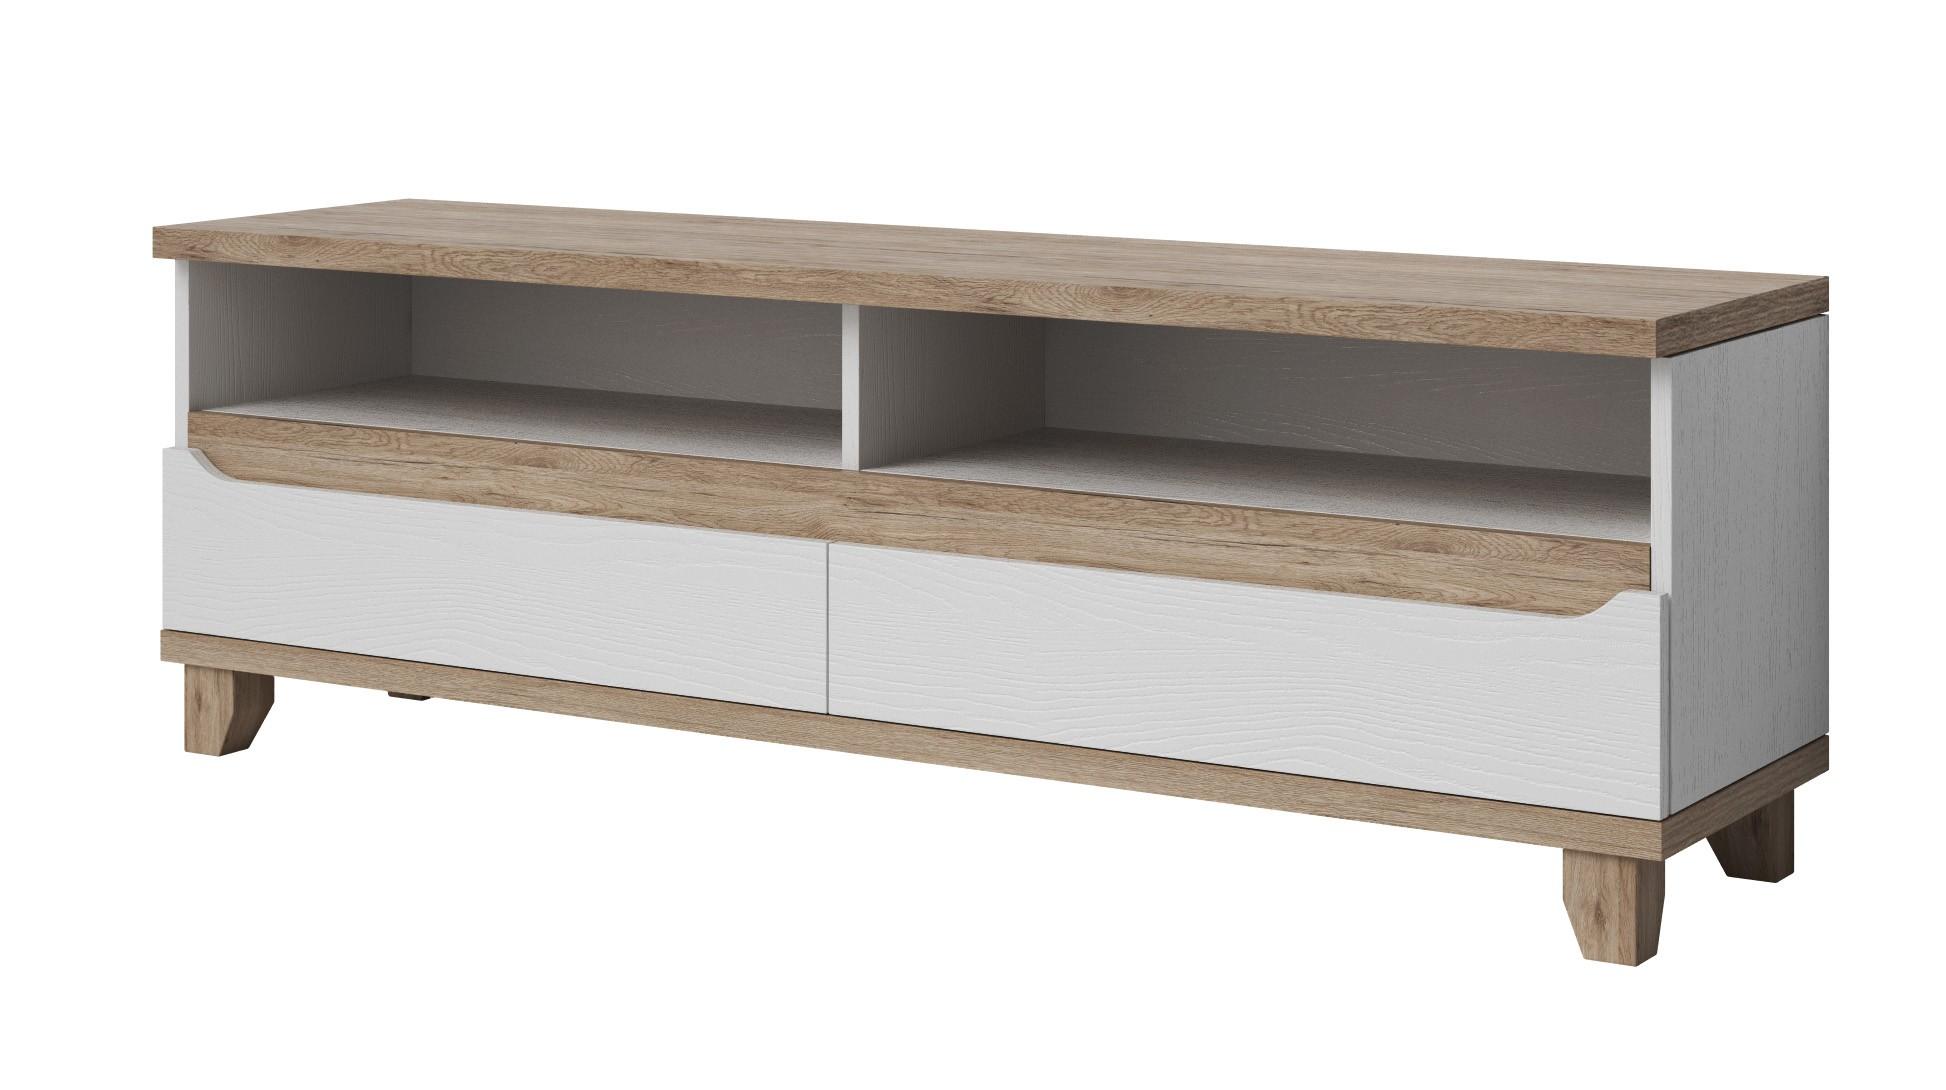 Meuble de télévision design scandinave SCANDIC avec 3 tiroirs cosy